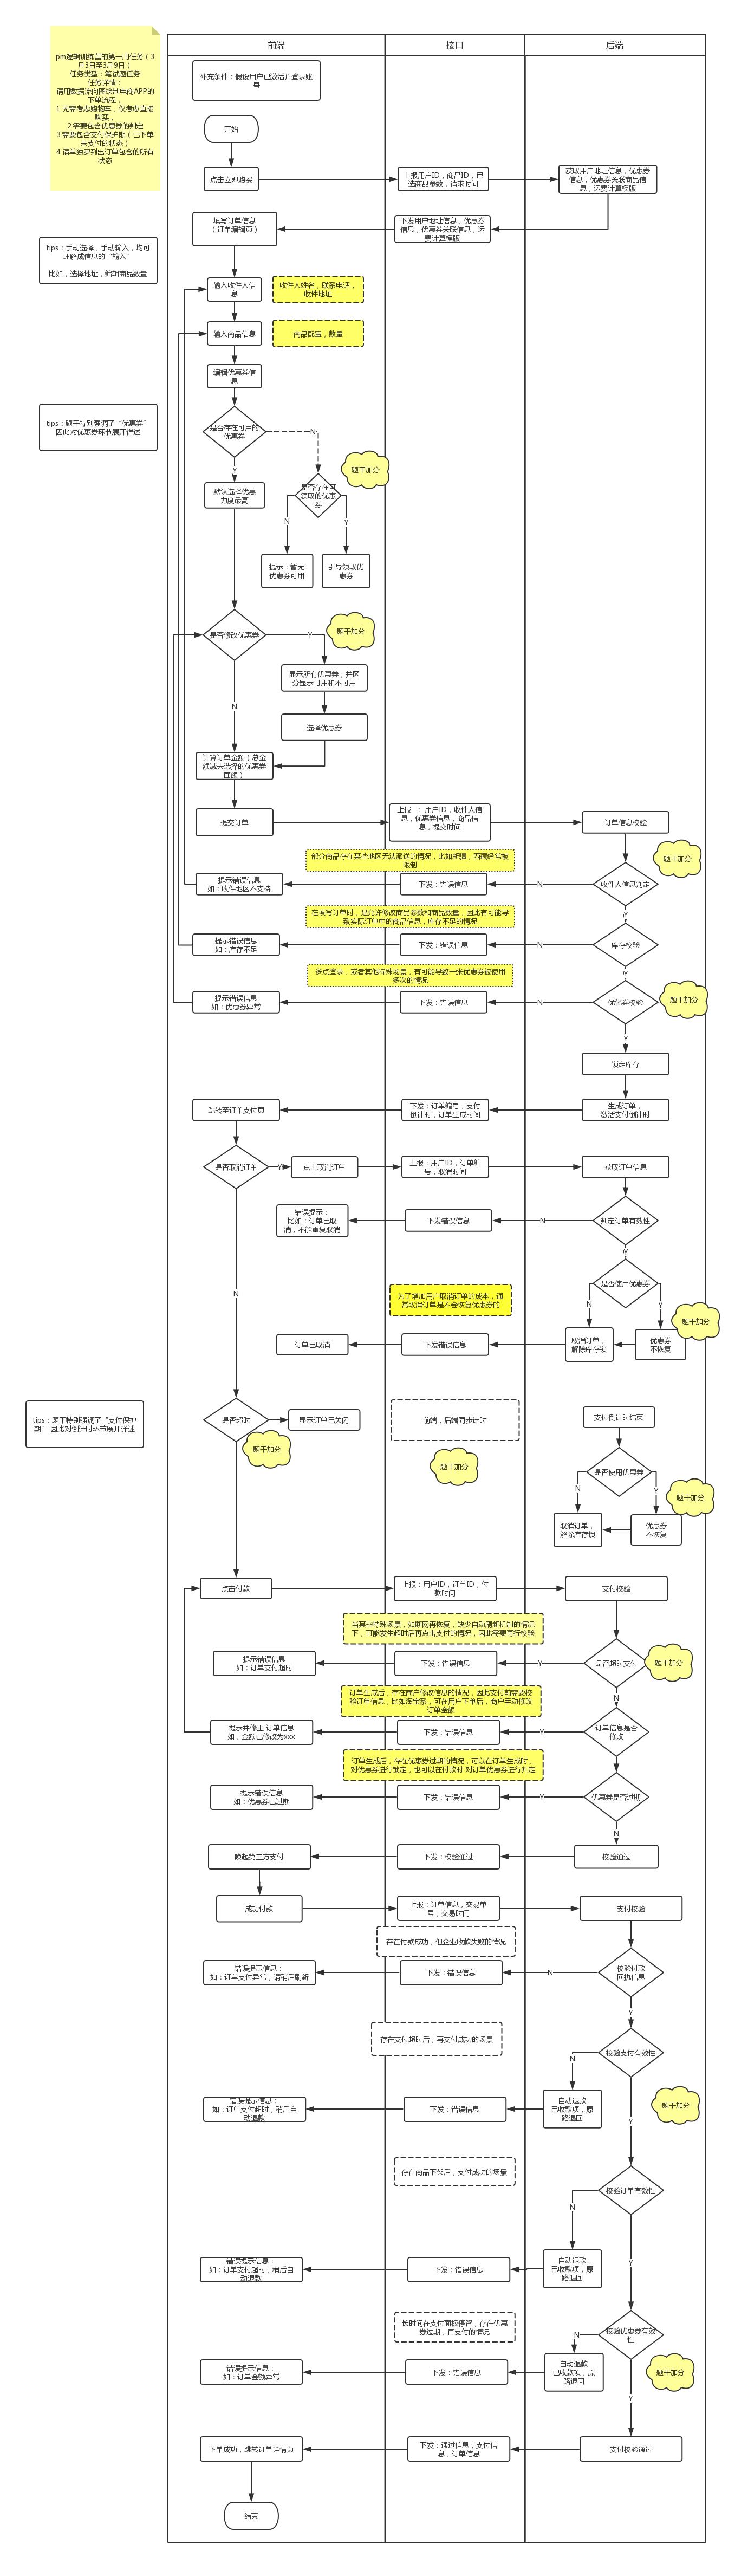 产品经理逻辑训练:构造思维边界,建立主次分明的思维逻辑插图(3)